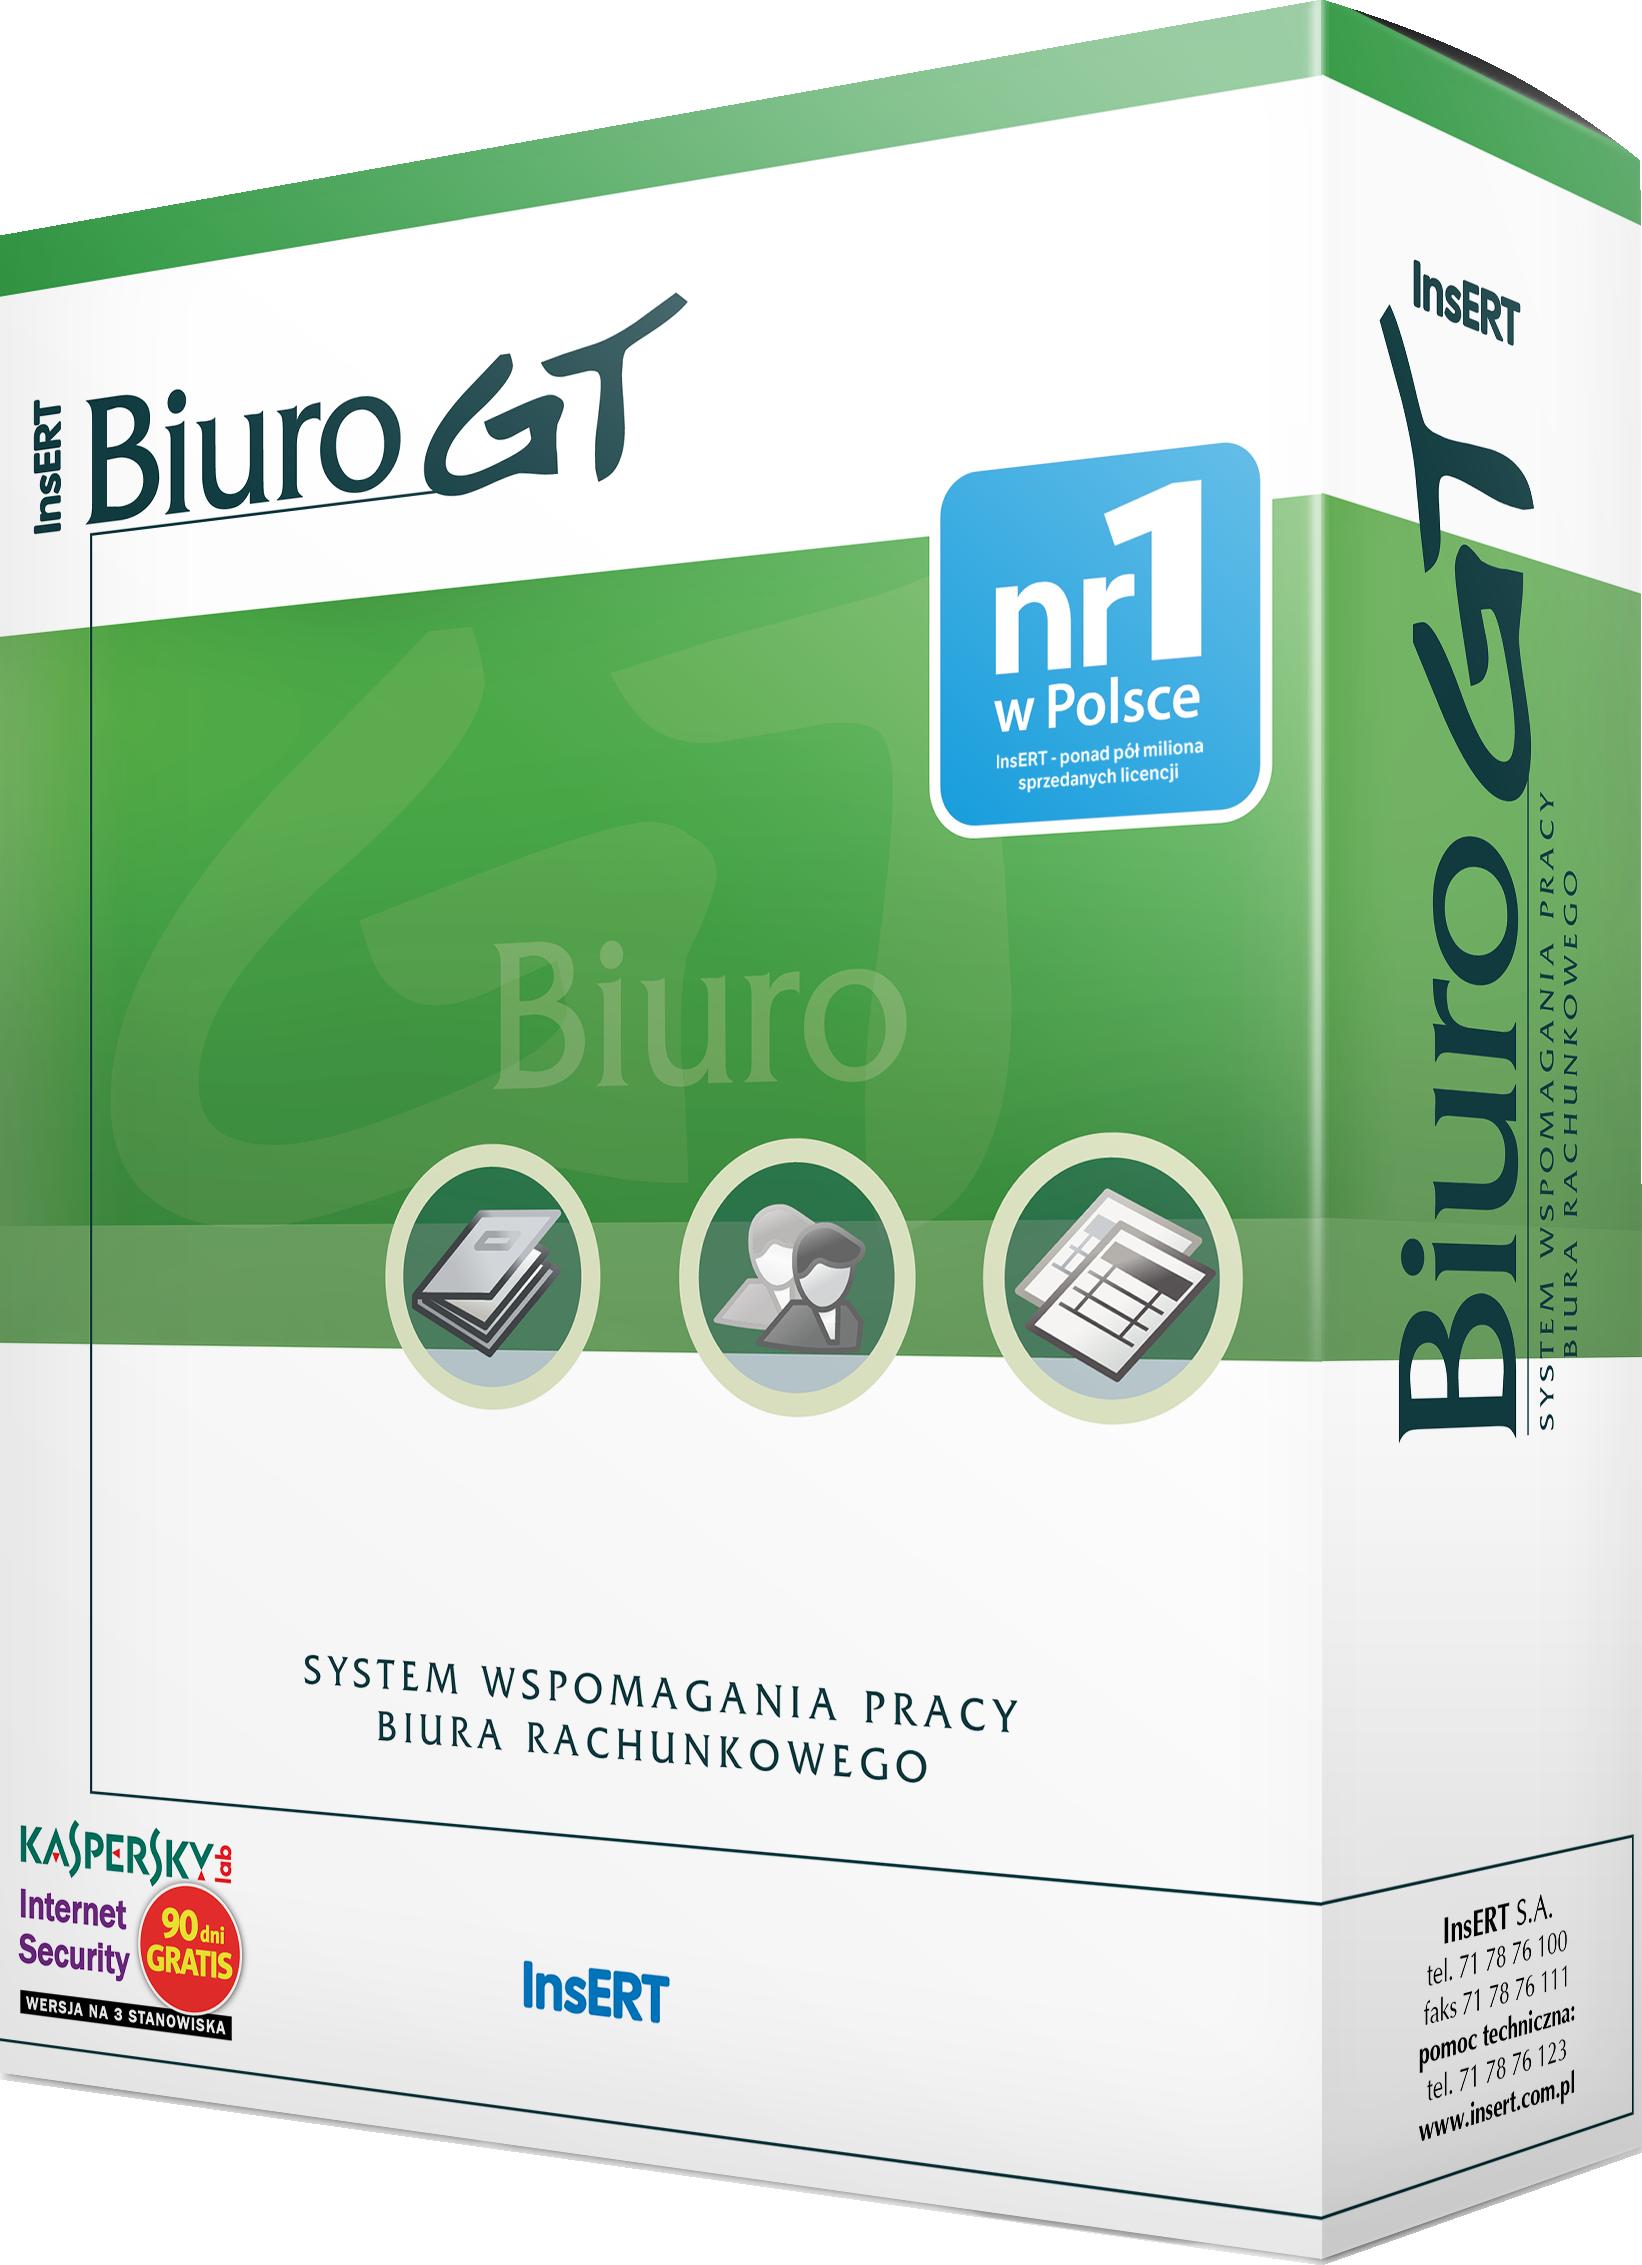 Biuro_GT_pudelko.png